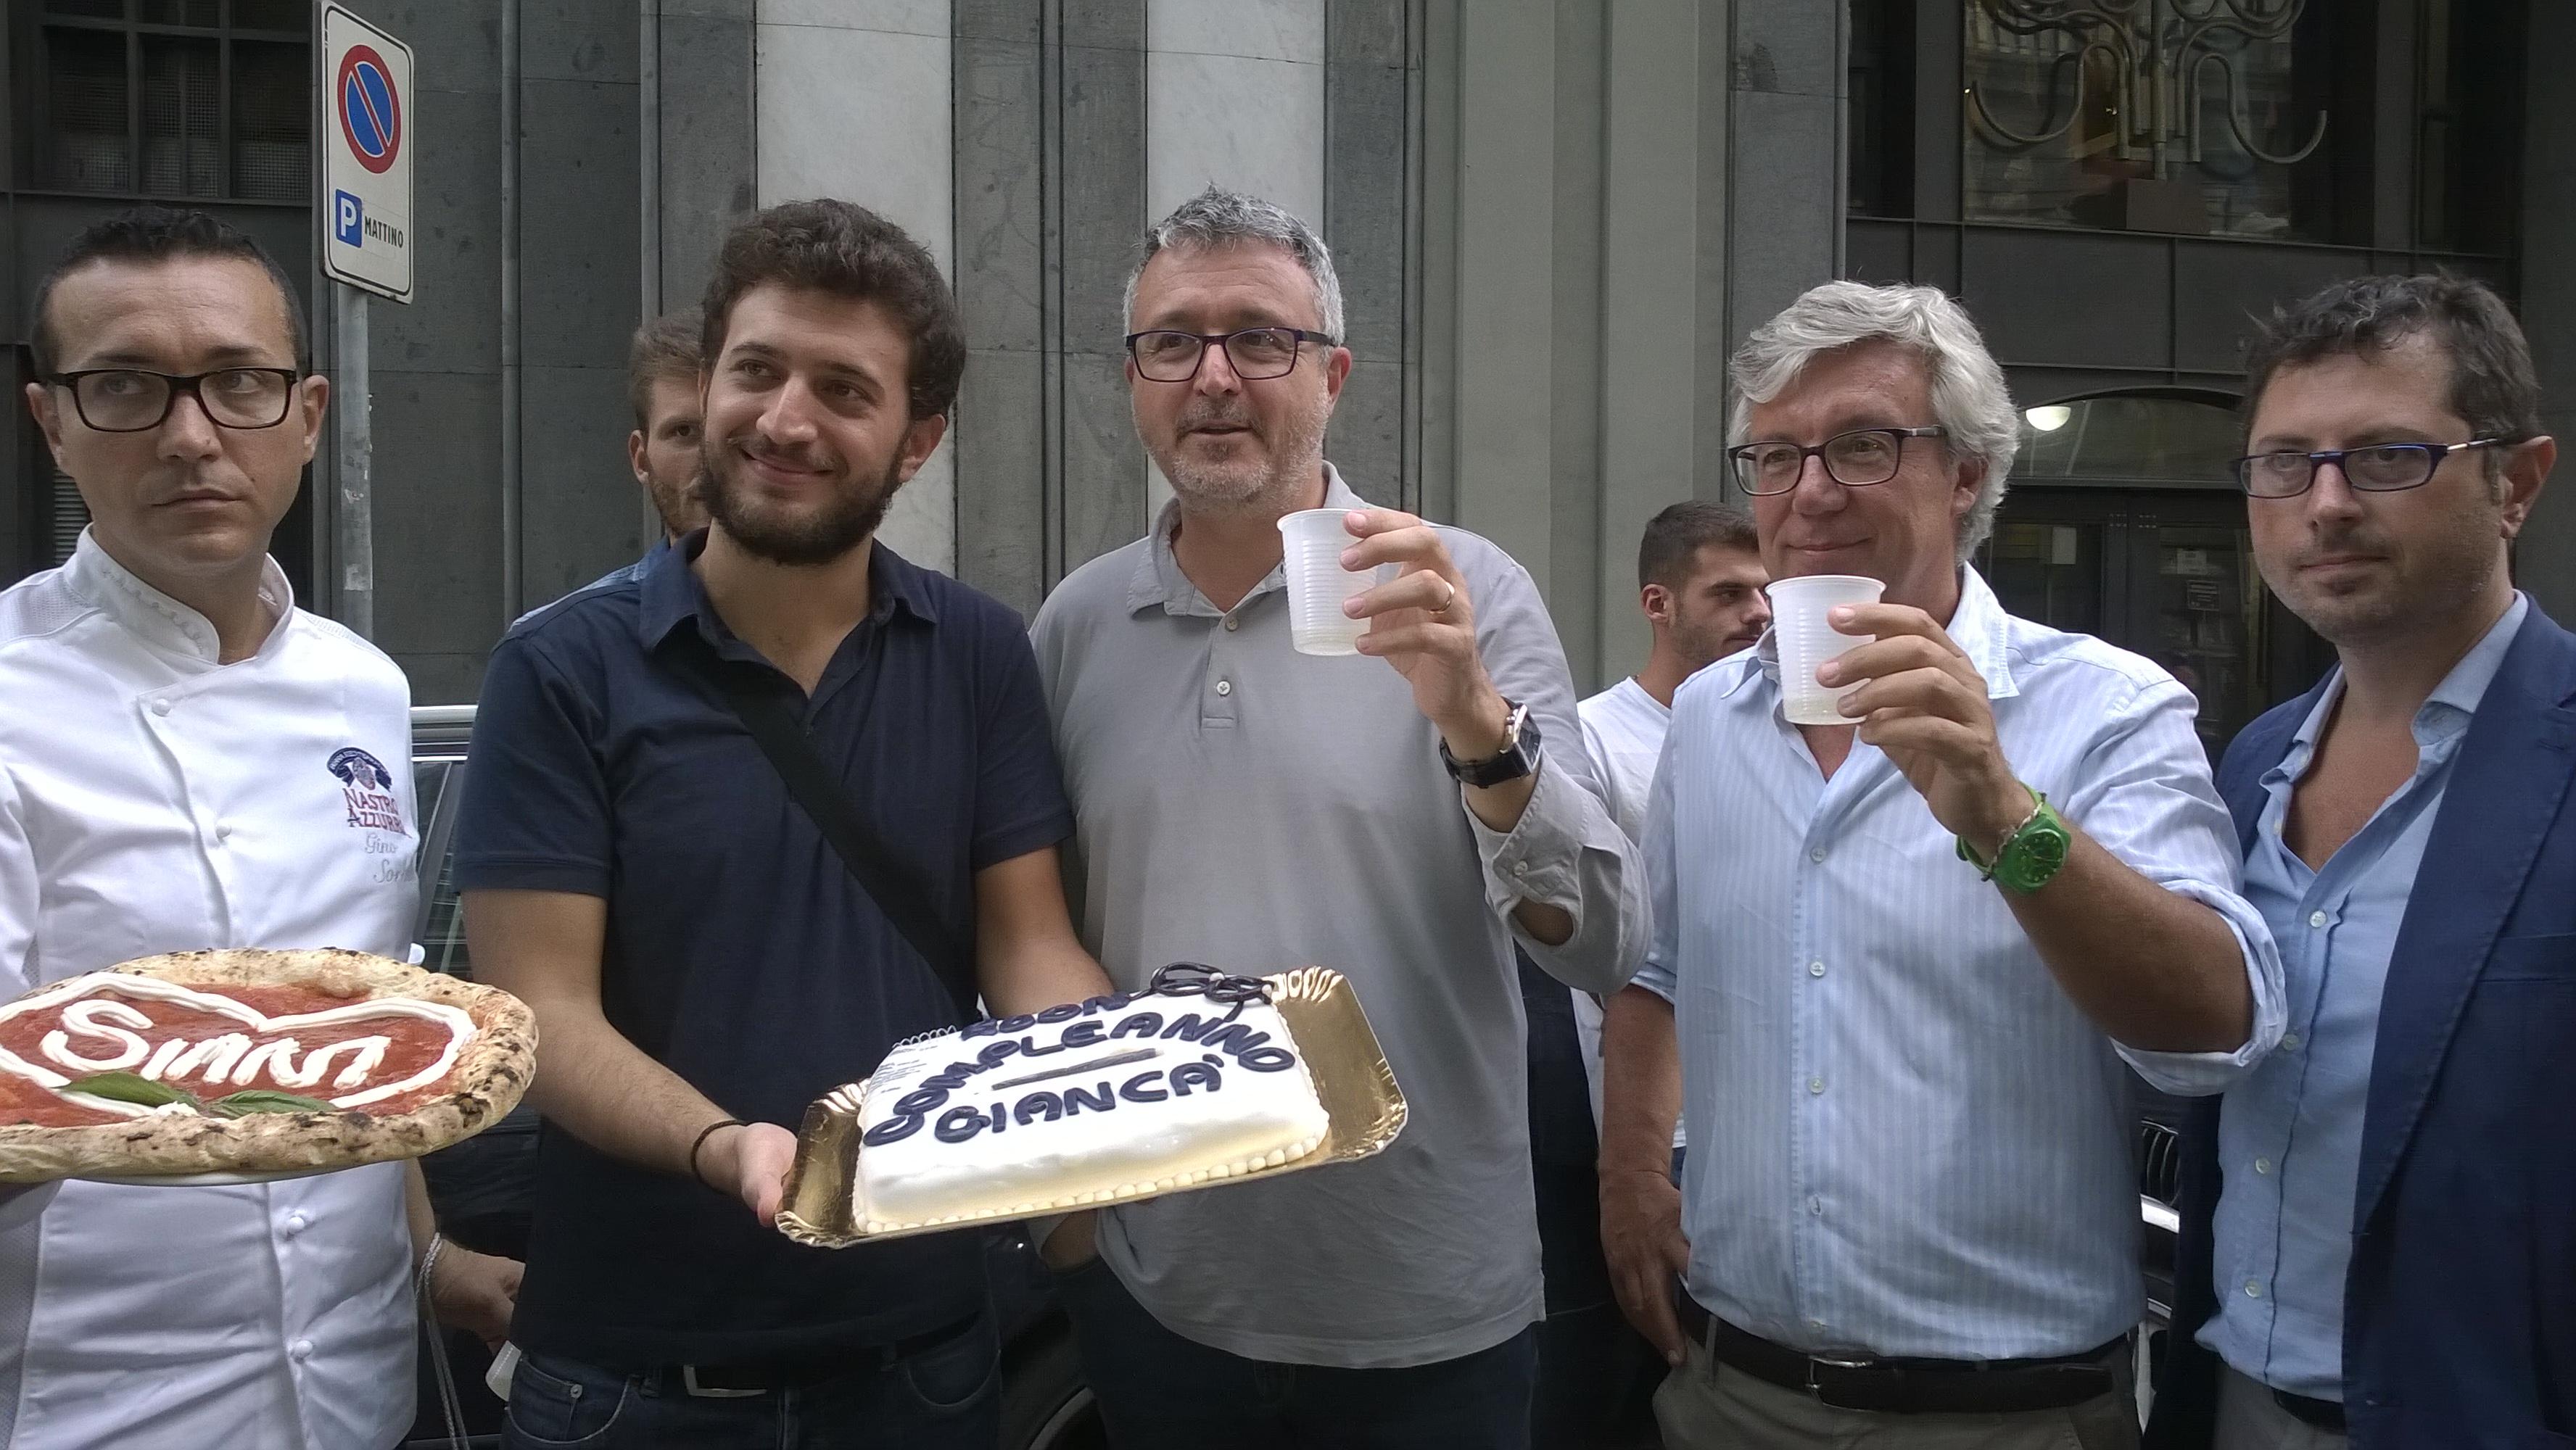 Buon compleanno Giancà! Gli studenti contro la camorra festeggiano il compleanno di Giancarlo Siani